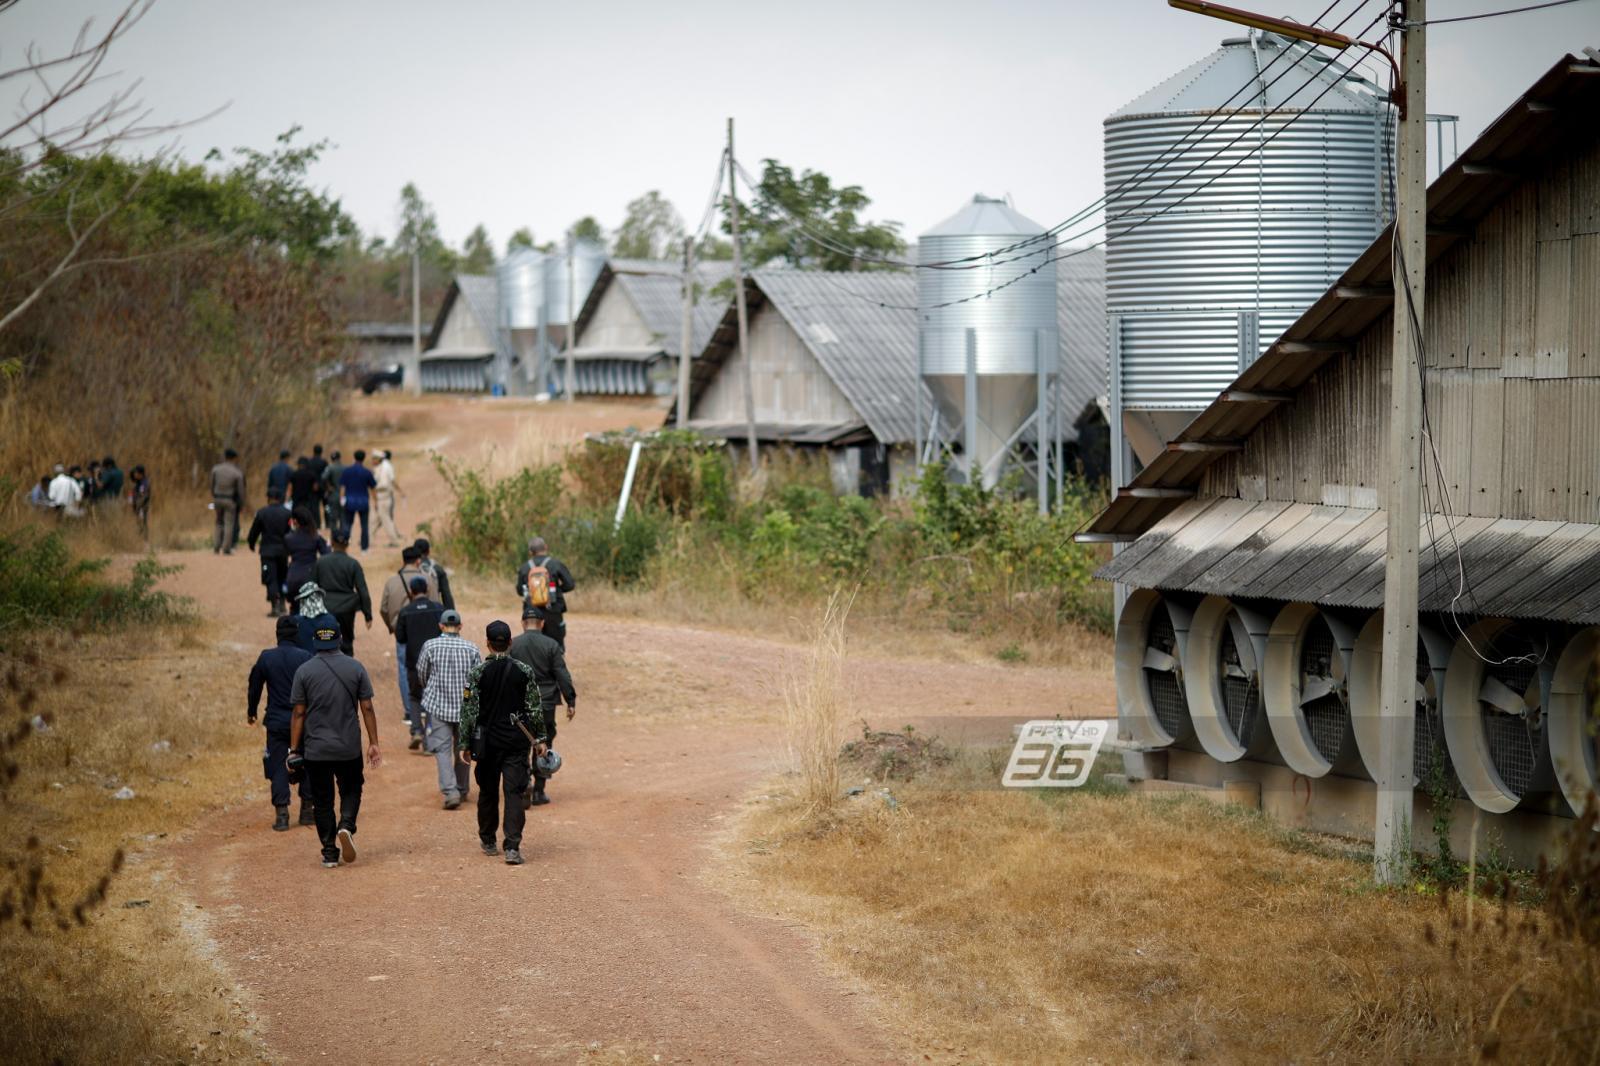 """ส.ป.ก.เตรียมพัฒนาที่ดินฟาร์มไก่ """"เอ๋ ปารีณา"""" ให้เกษตรกรใช้ประโยชน์"""